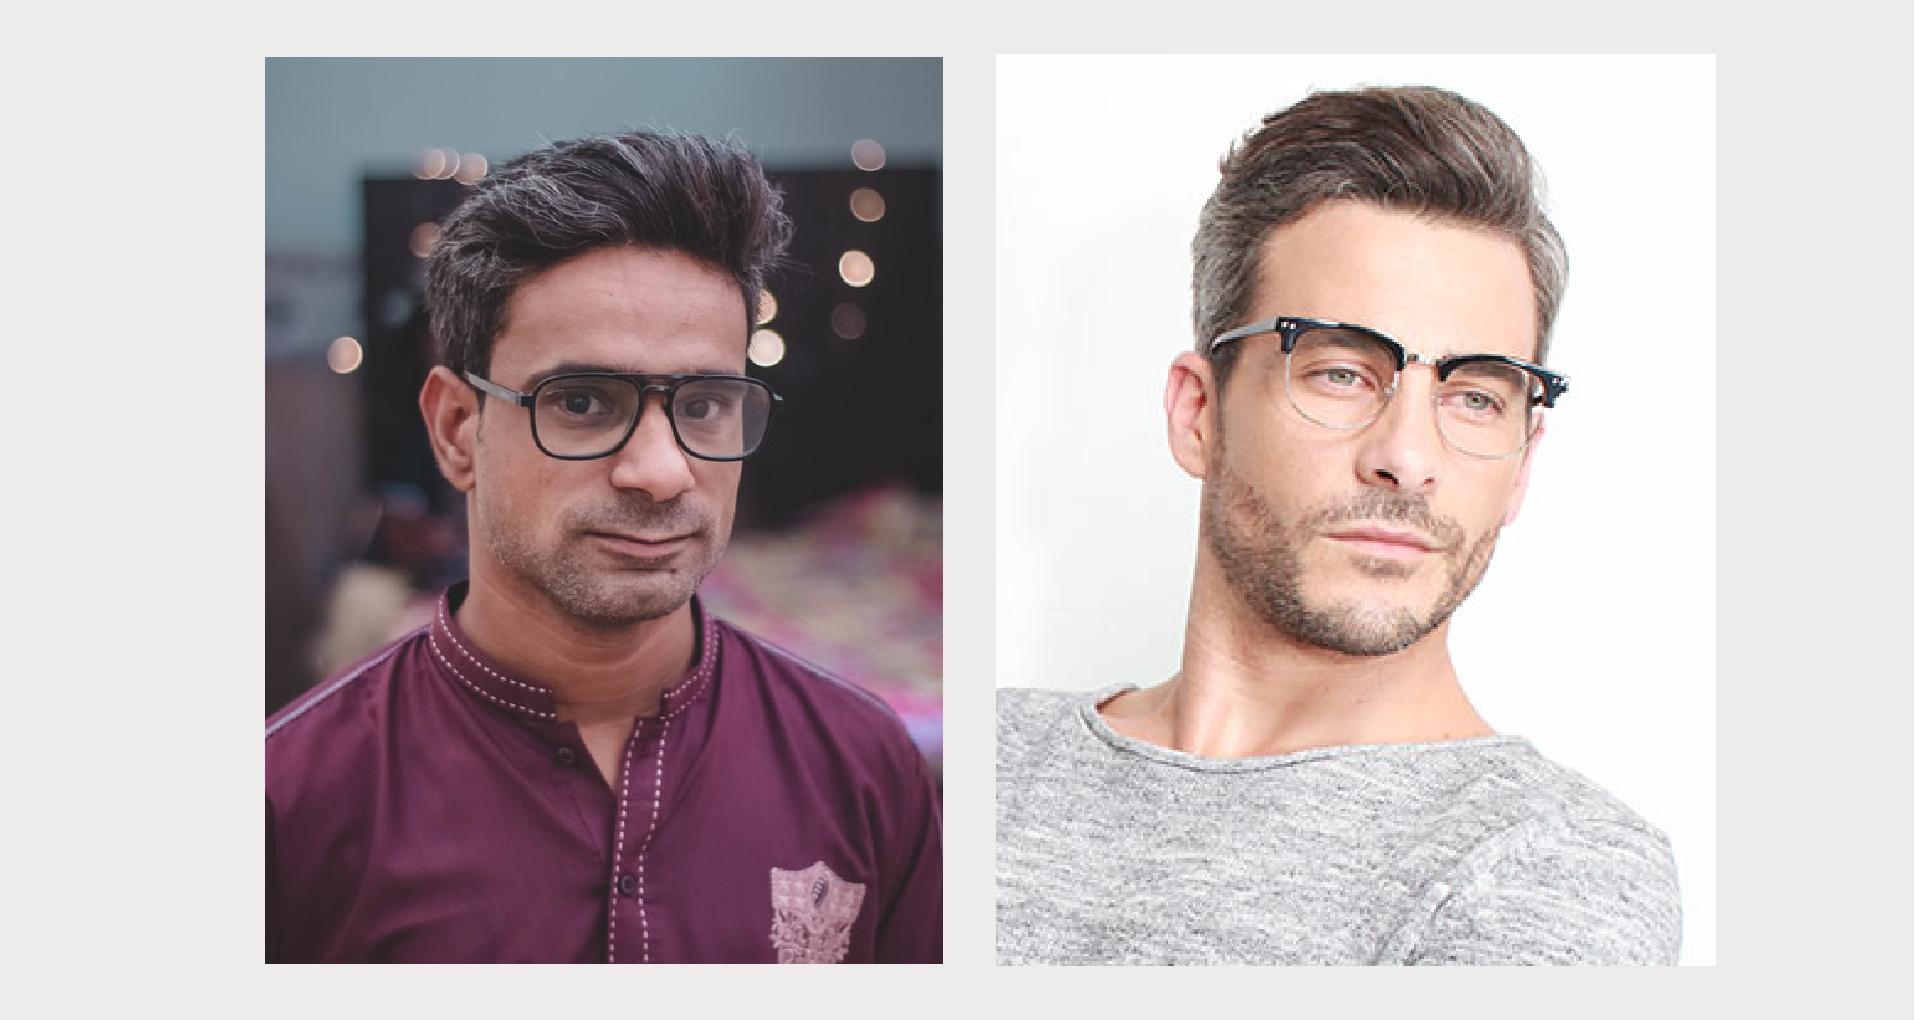 óculos podem chamar a atenção para algum terço do seu rosto